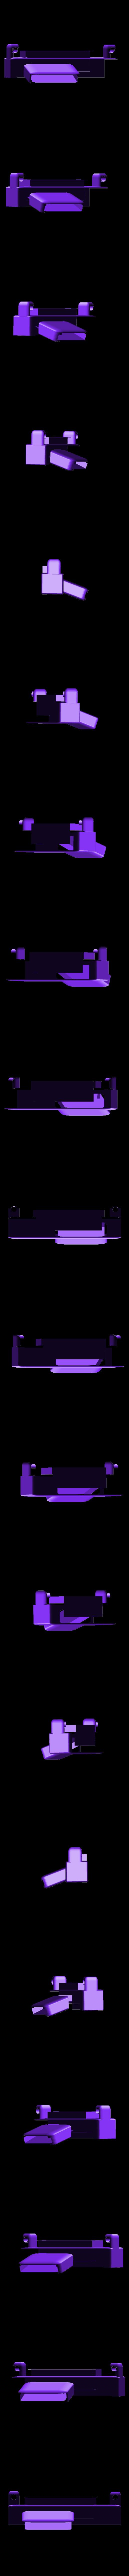 fan3y.stl Télécharger fichier STL gratuit Support Ender à Geeetech Adaptateur de base a10m Changement de support • Design imprimable en 3D, dulce-enmascarado-mascara-dulce